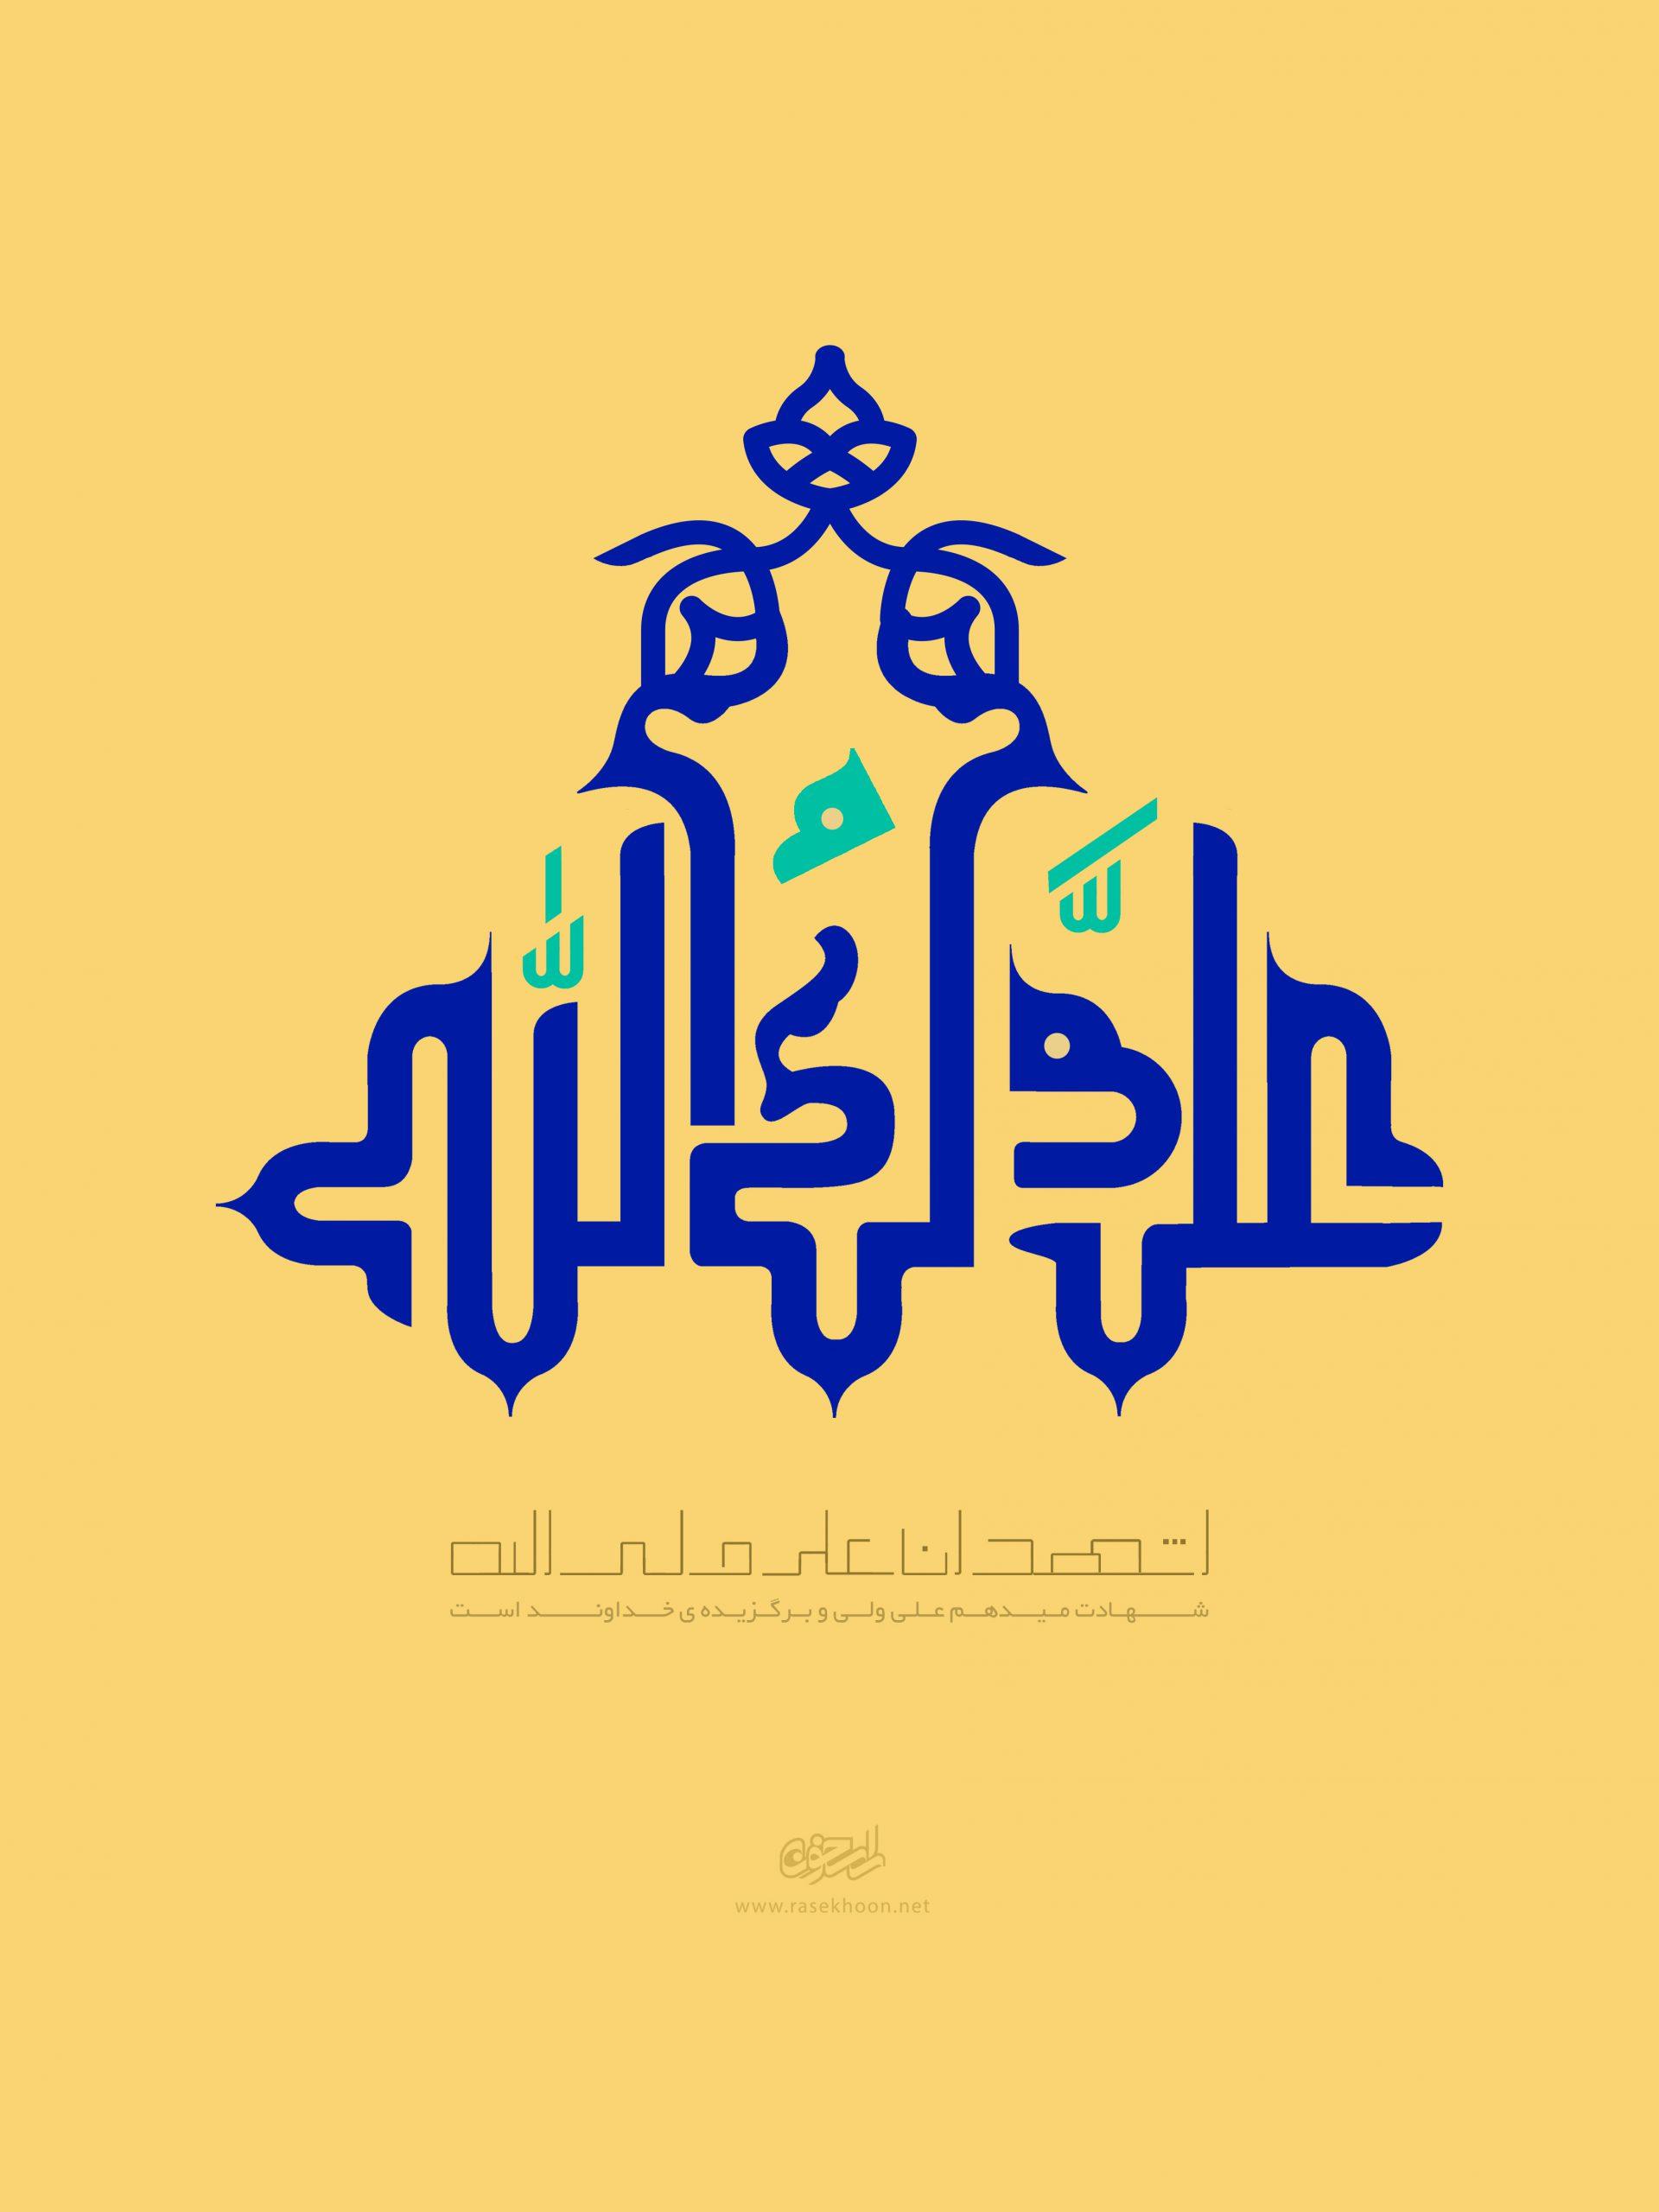 ۱۳رجب ولادت حضرت علی (ع) ویژه نامه ولادت امیرالمومنین علی (ع) poster11111111 scaled